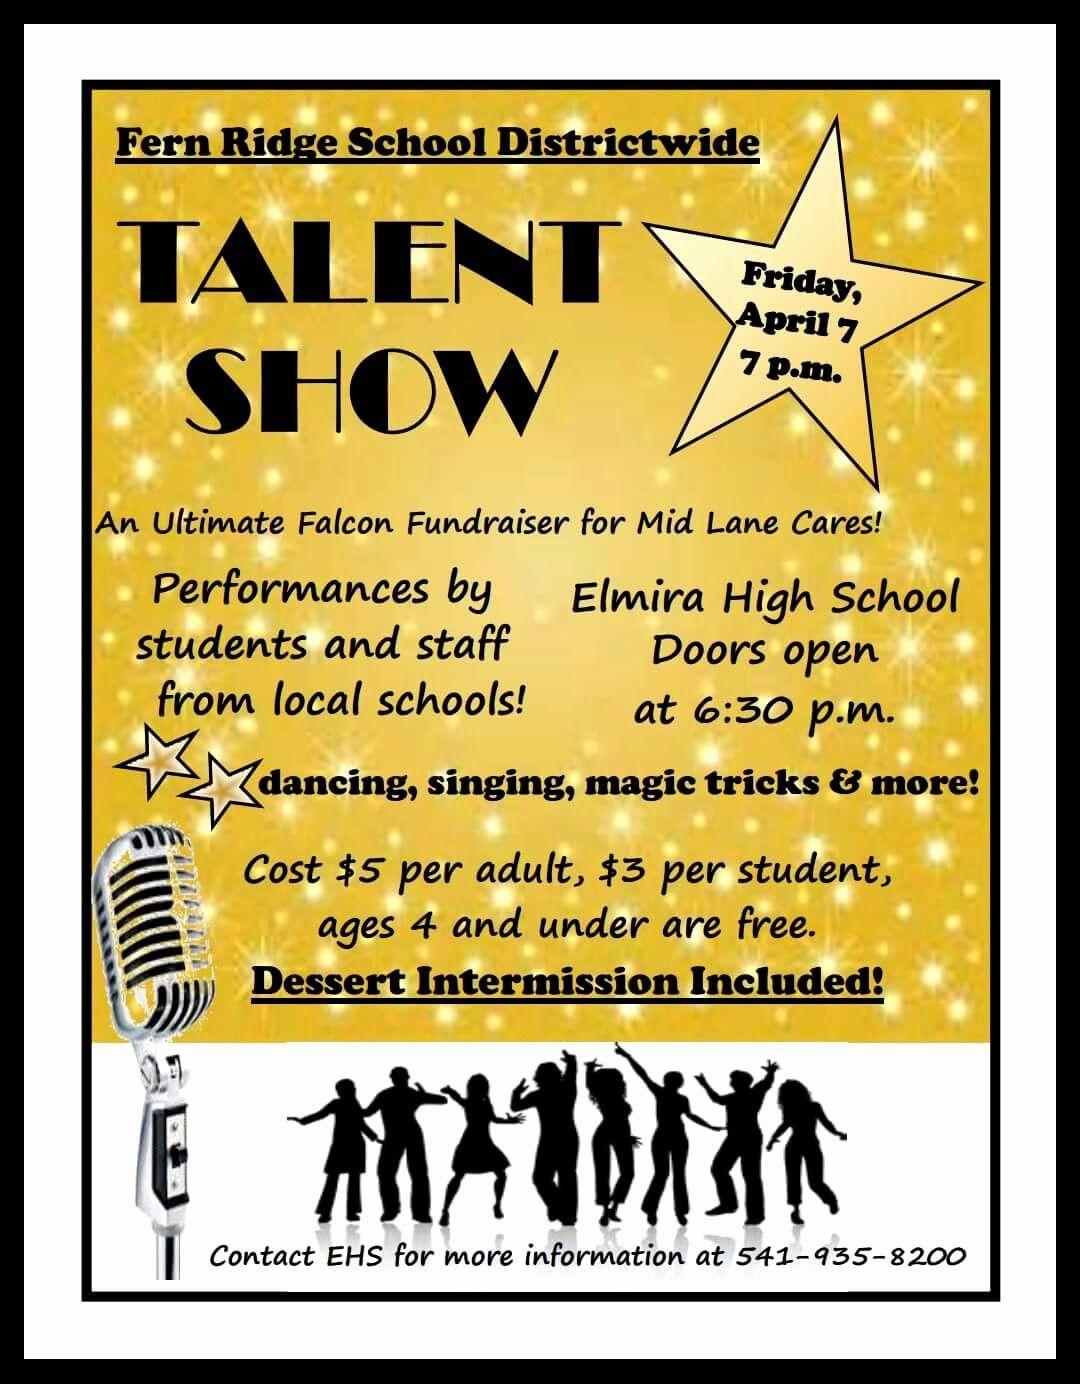 School Dance Flyer Template Luxury Free Talent Show Flyer Templates Flyer Template Poster Template Flyer Free talent show flyer template